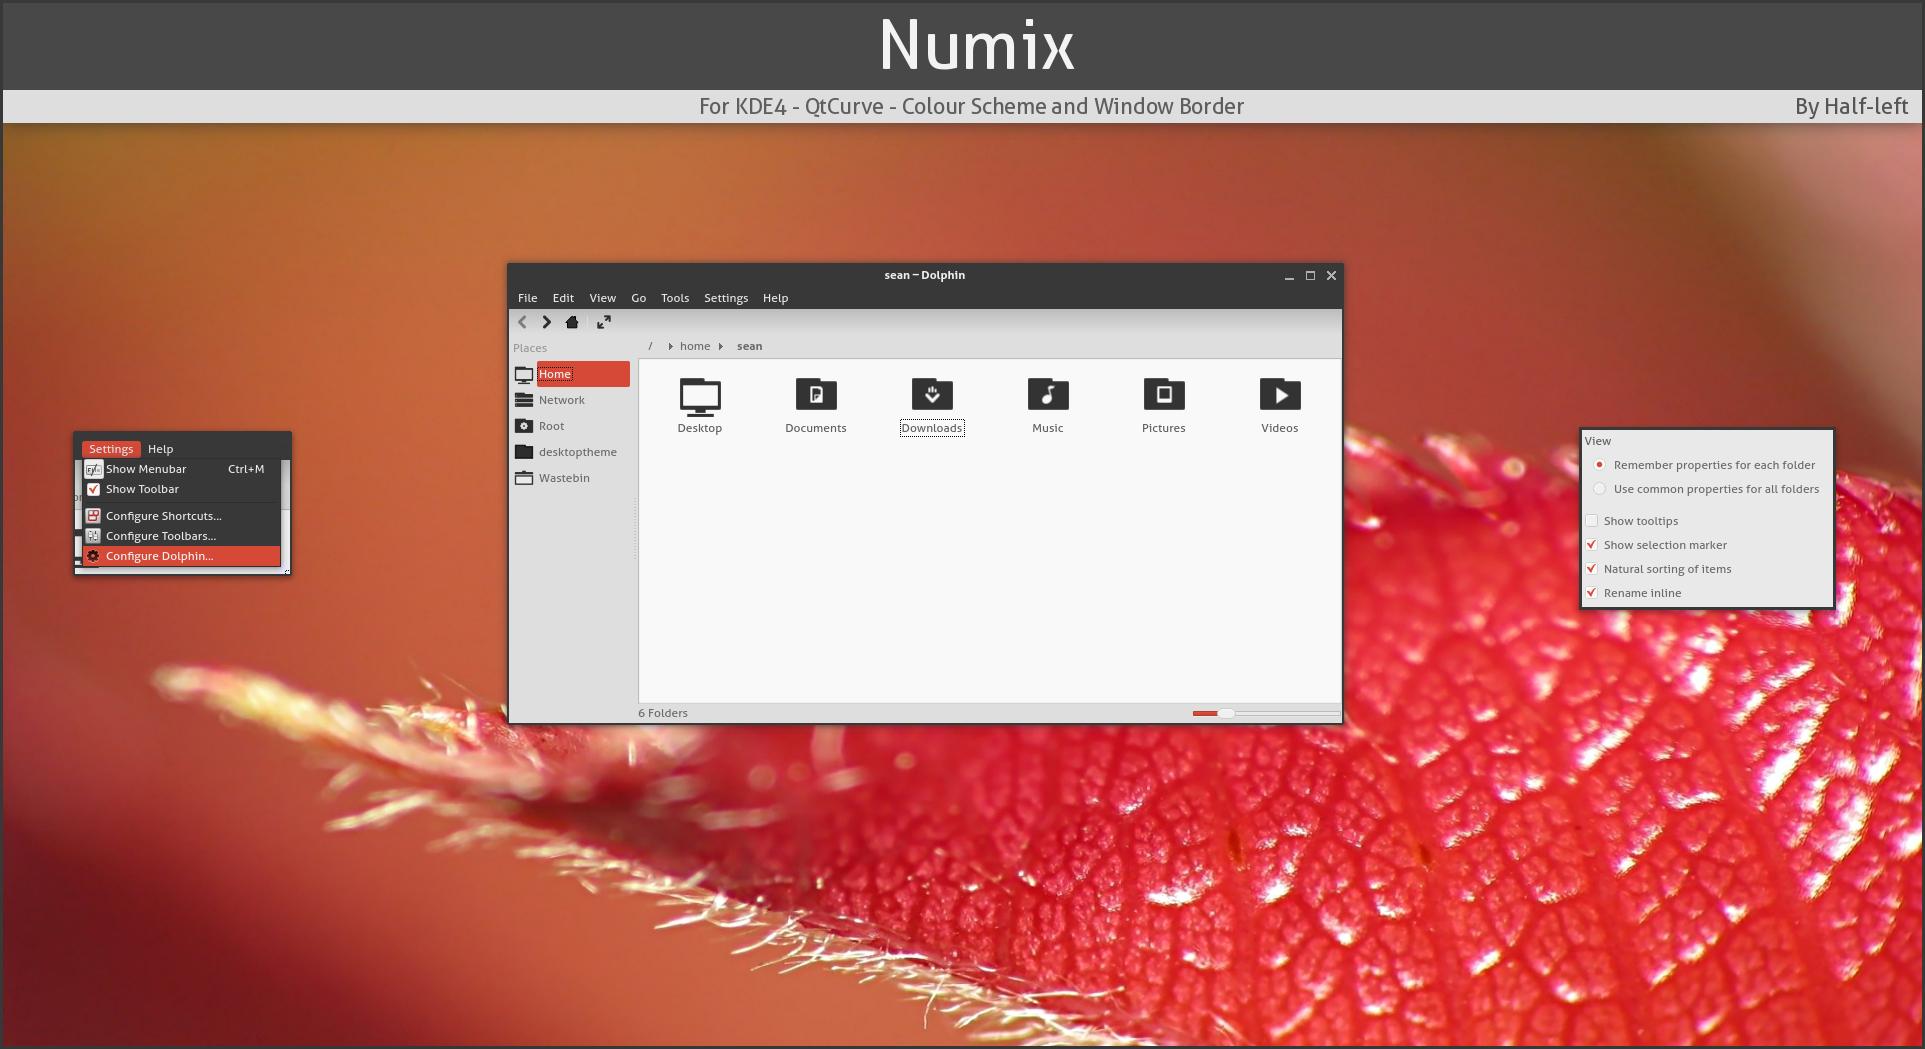 KDE4 - QtCurve - Numix by half-left